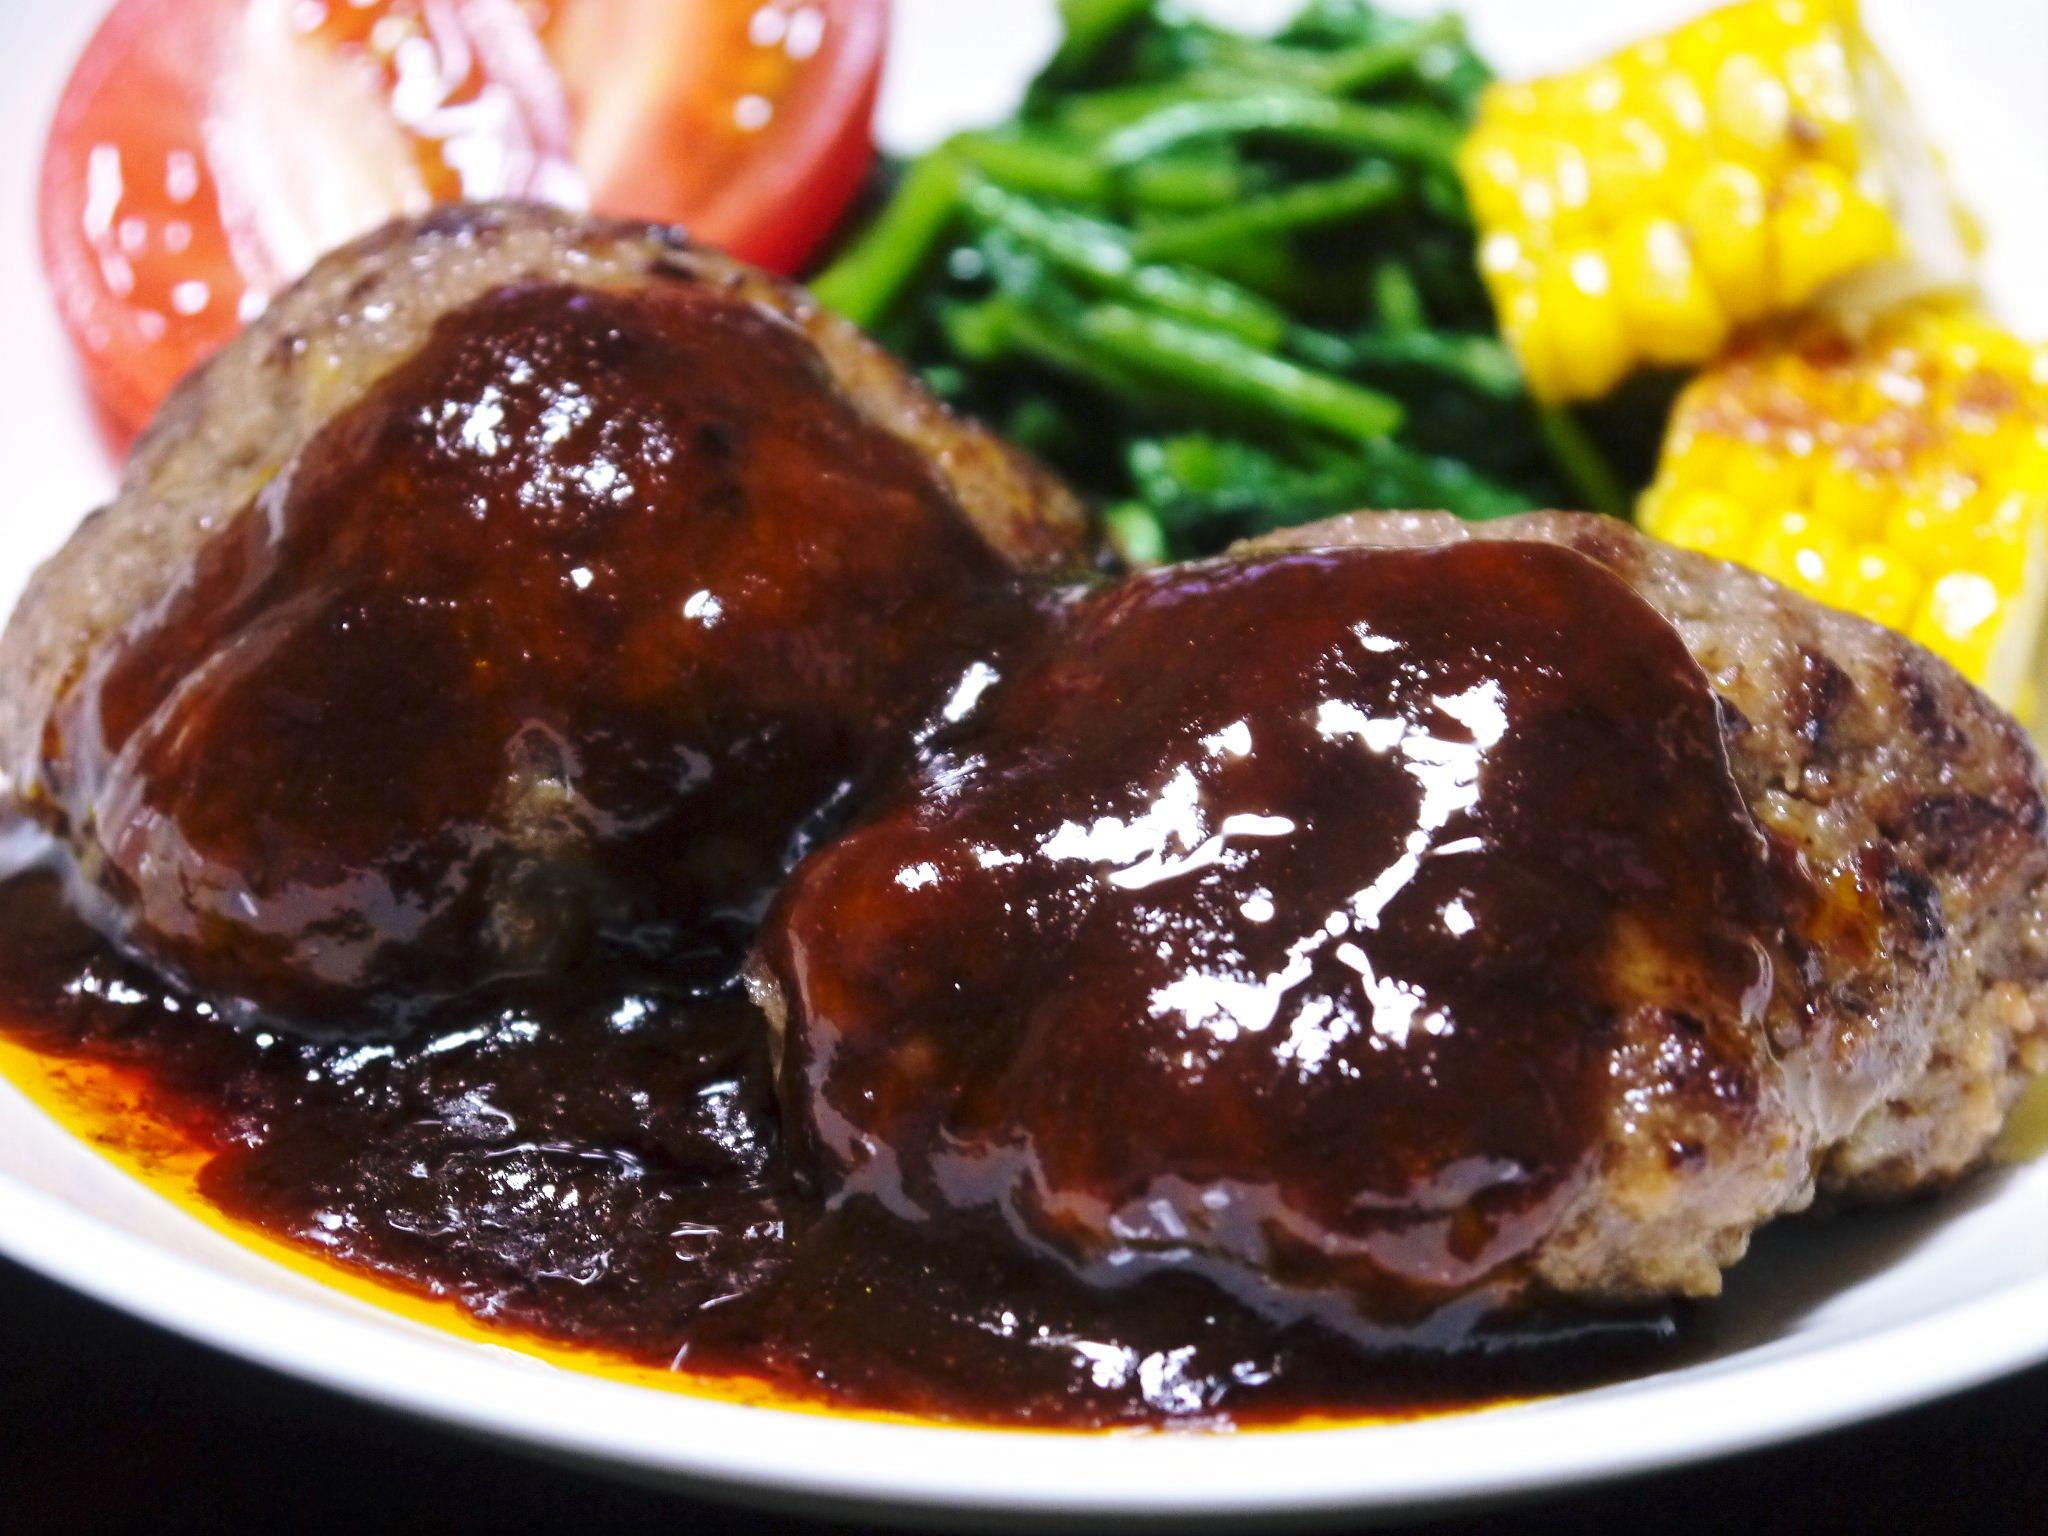 熊本県産の黒毛和牛100%のハンバーグステーキ!数量限定販売中!令和3年2月は17日(水)の出荷です! _a0254656_15045272.jpg